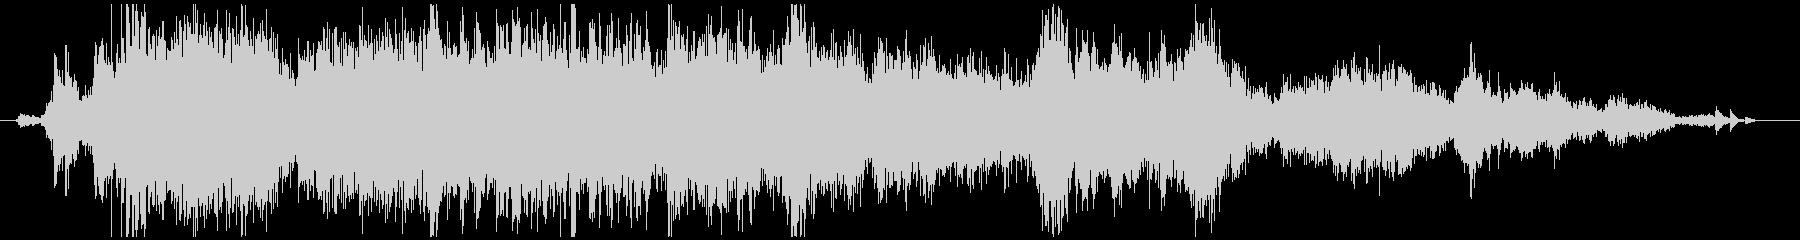 メタル ラウドミディアム04の未再生の波形